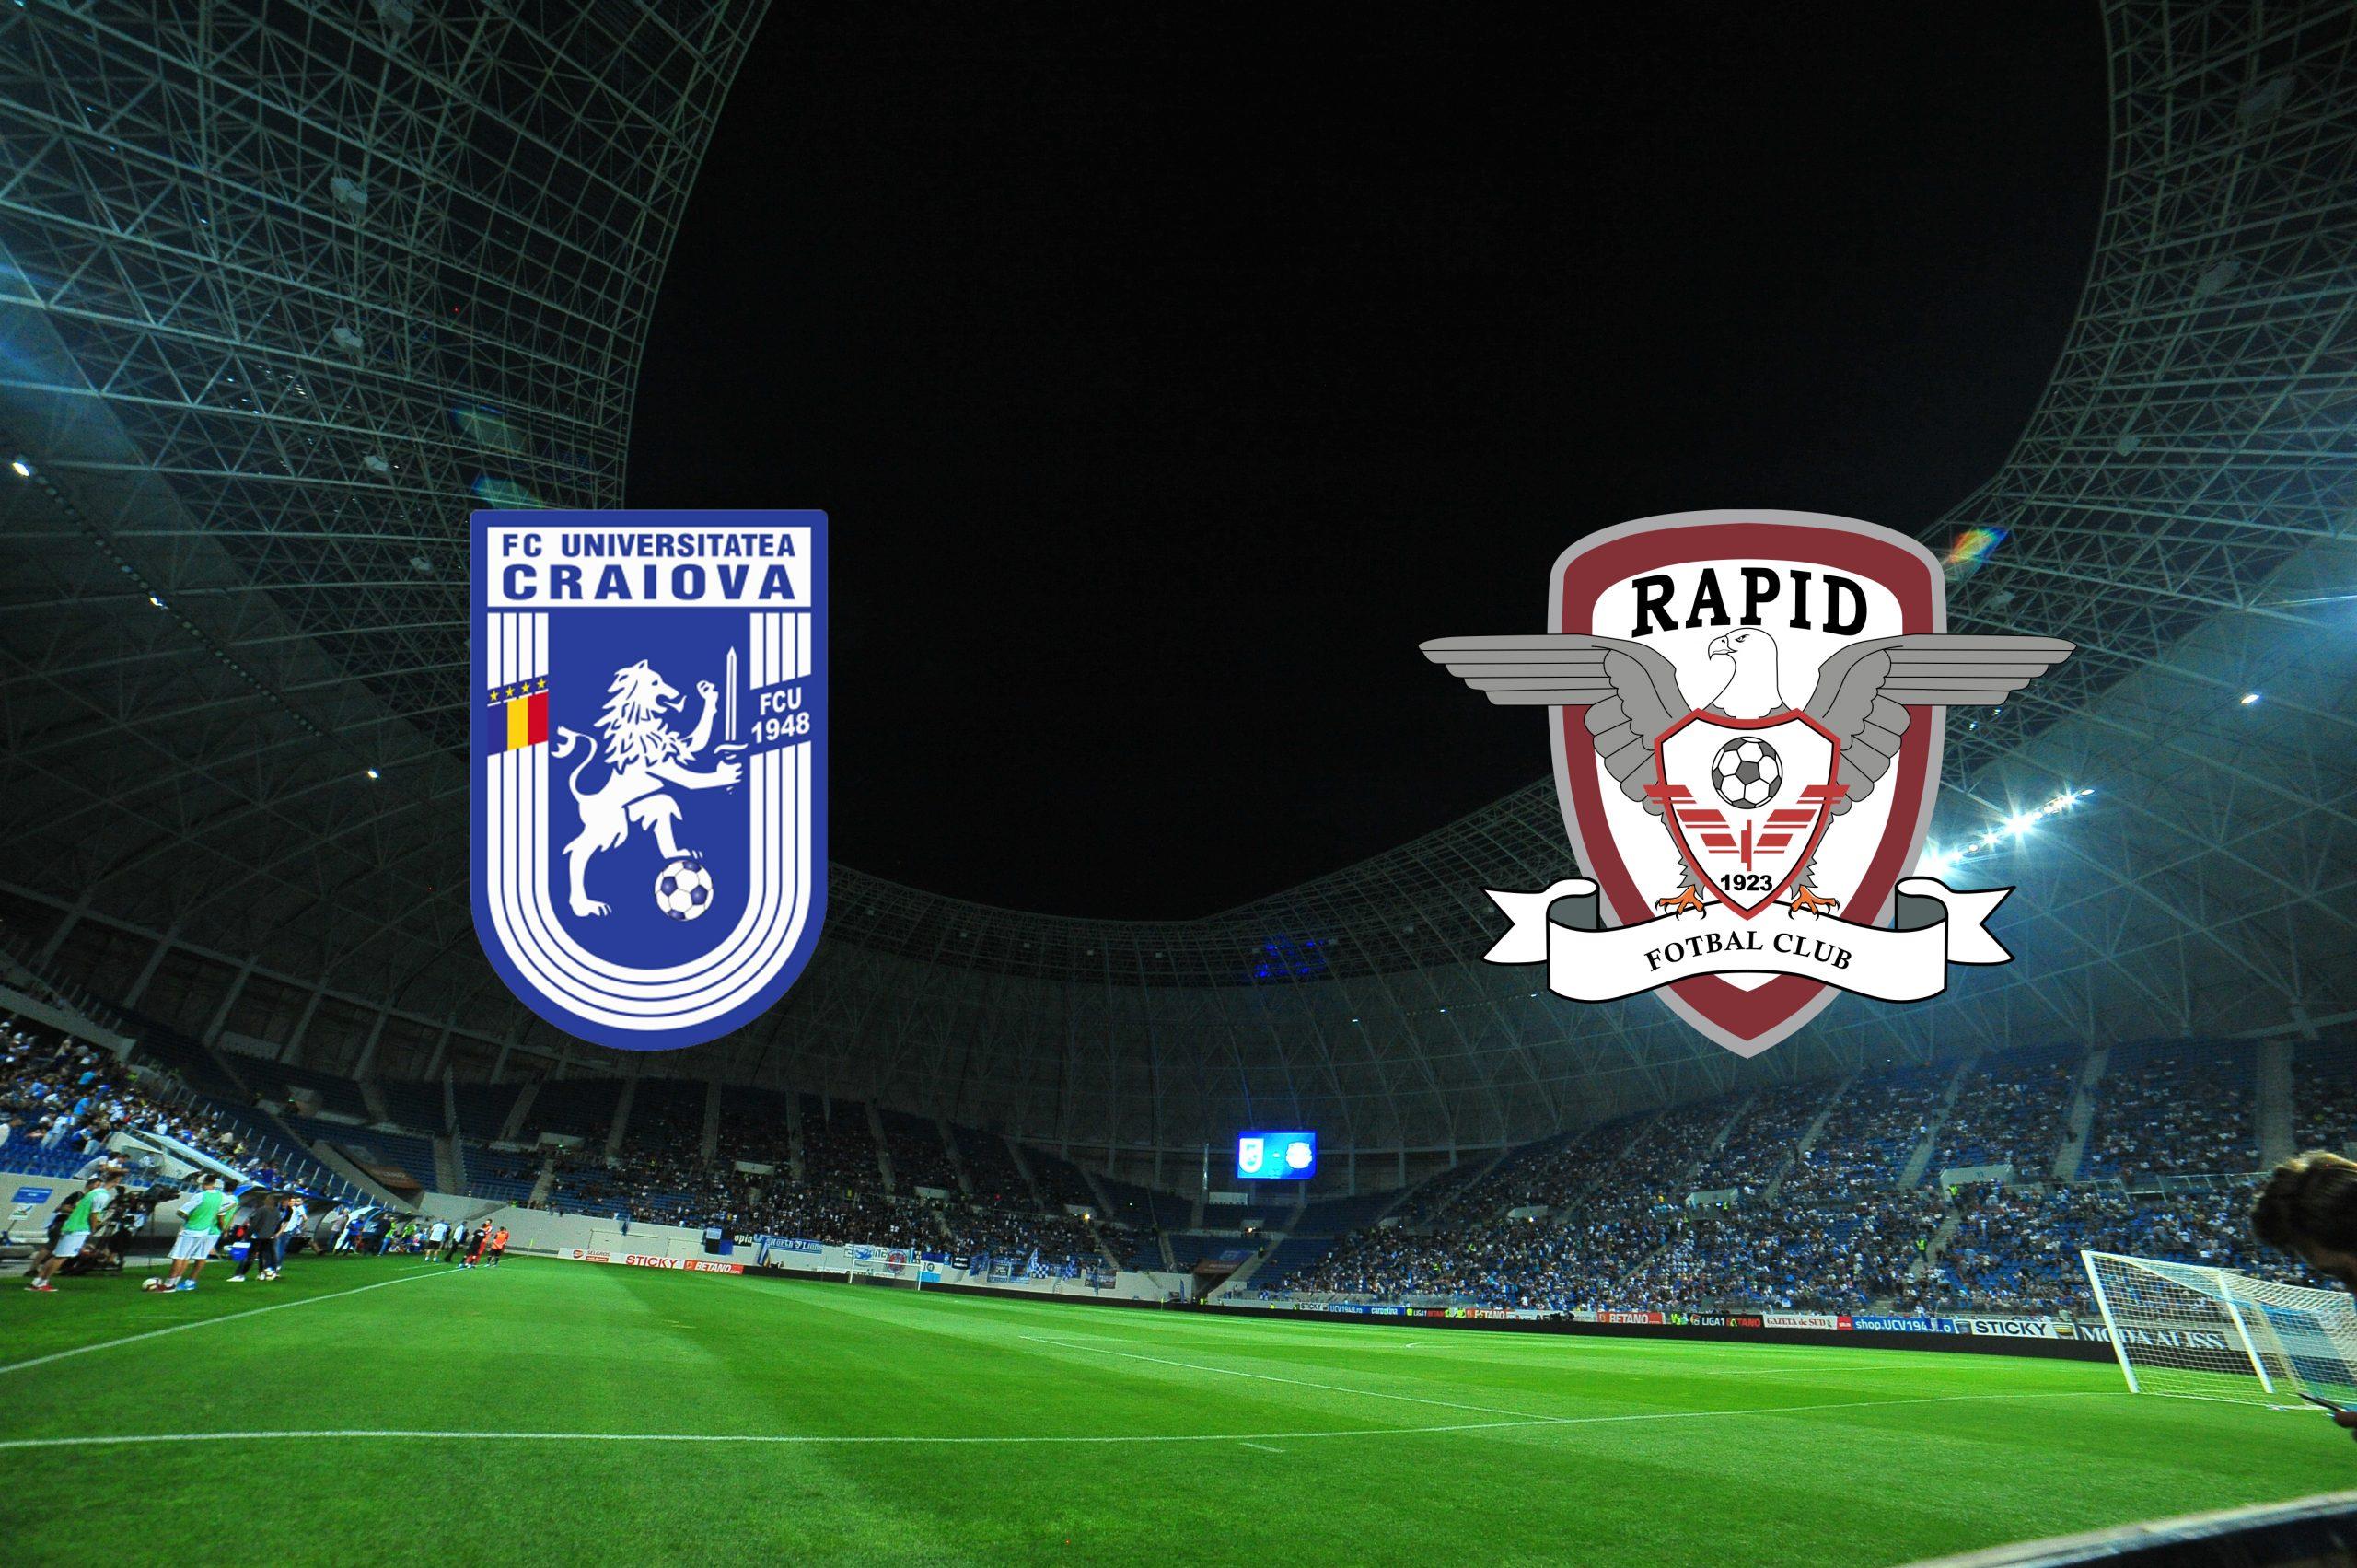 U Craiova - Rapid SCOR live text! Liga 2, lupta pentru locul 1